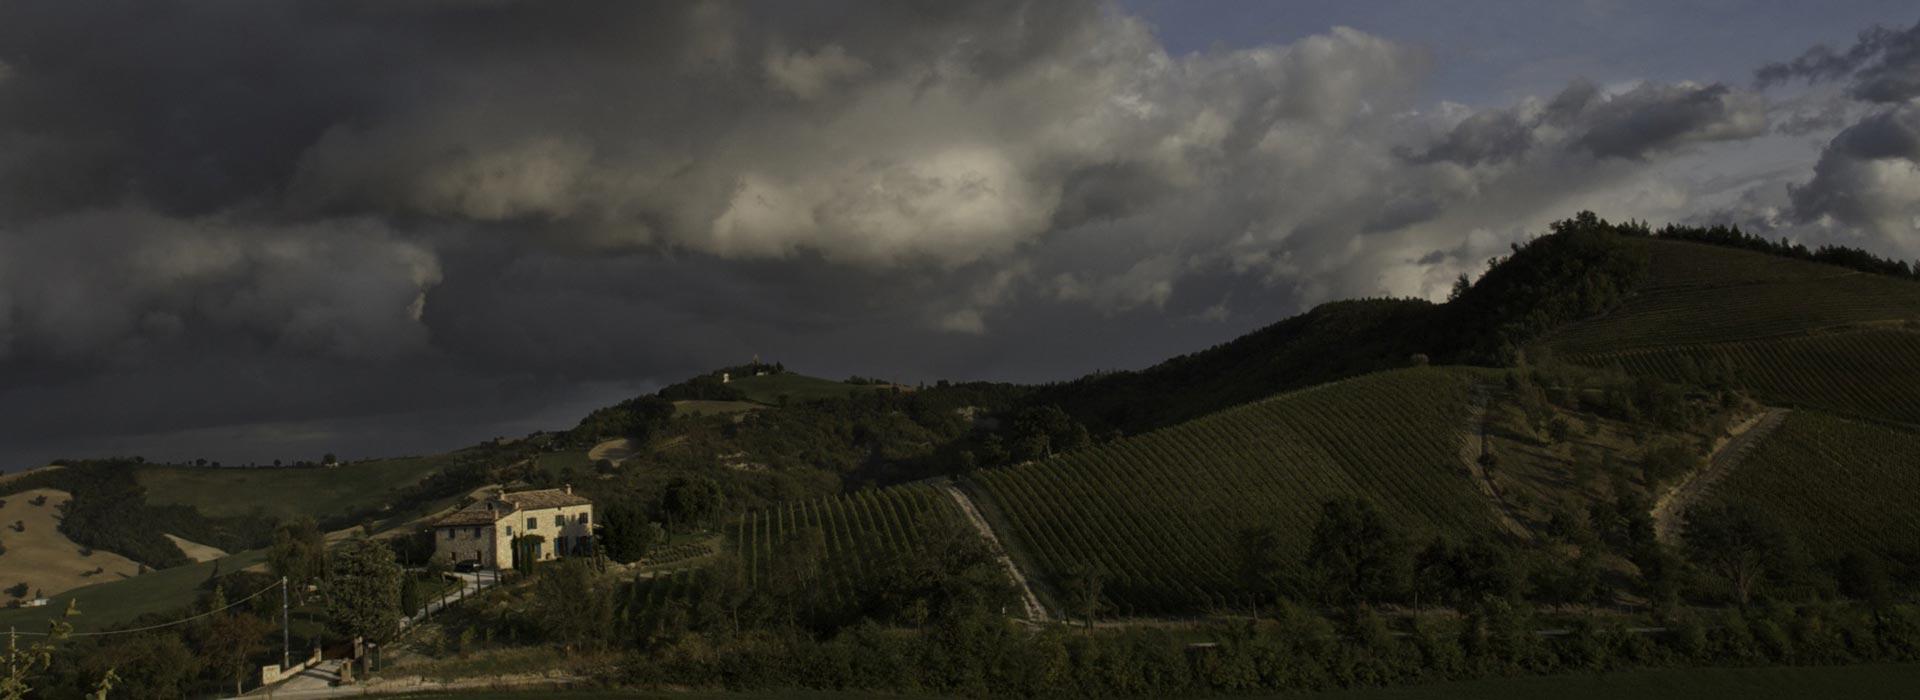 vigneti-valturio-caltravaglio-panoramica-nuvole